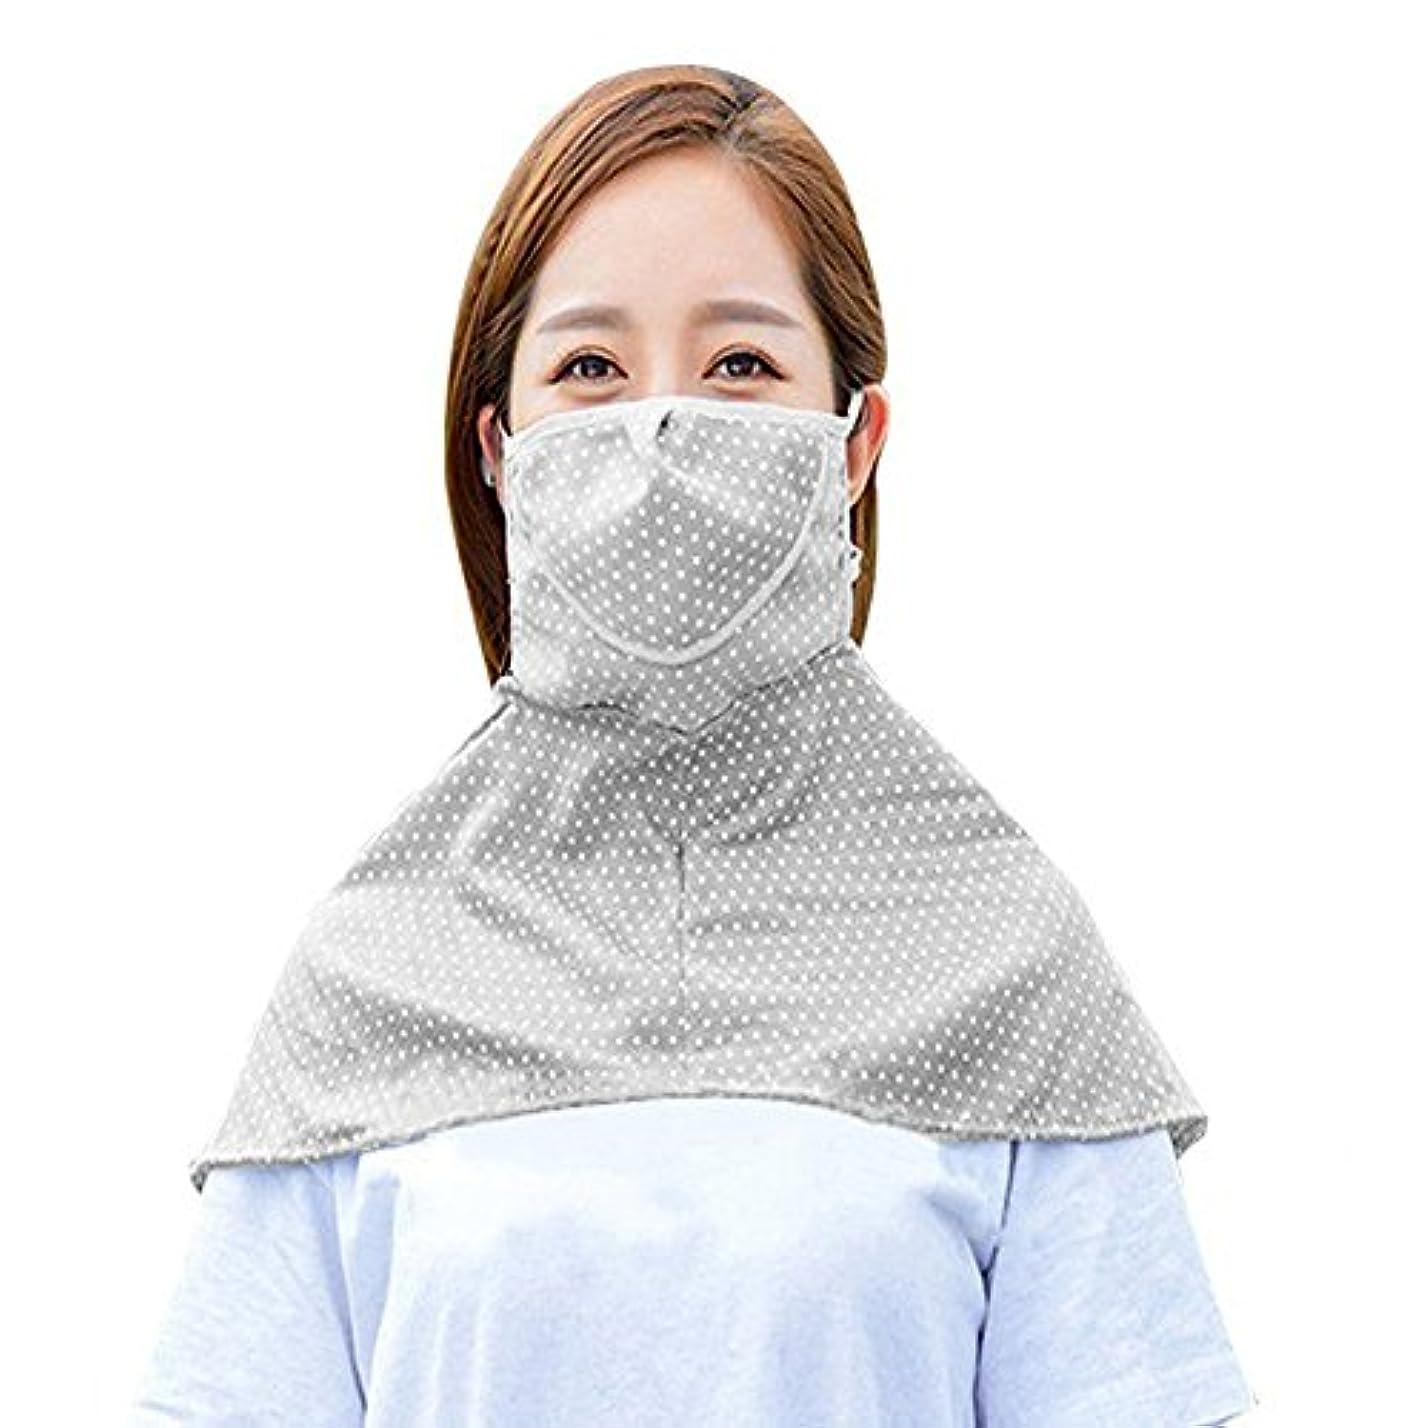 収入崇拝する男らしいPureNicot 日焼け防止 フェイスマスク UVカット 紫外線対策 農作業 ガーデニング レディース 首もともガード 3D UVマスク (グレー ドット)